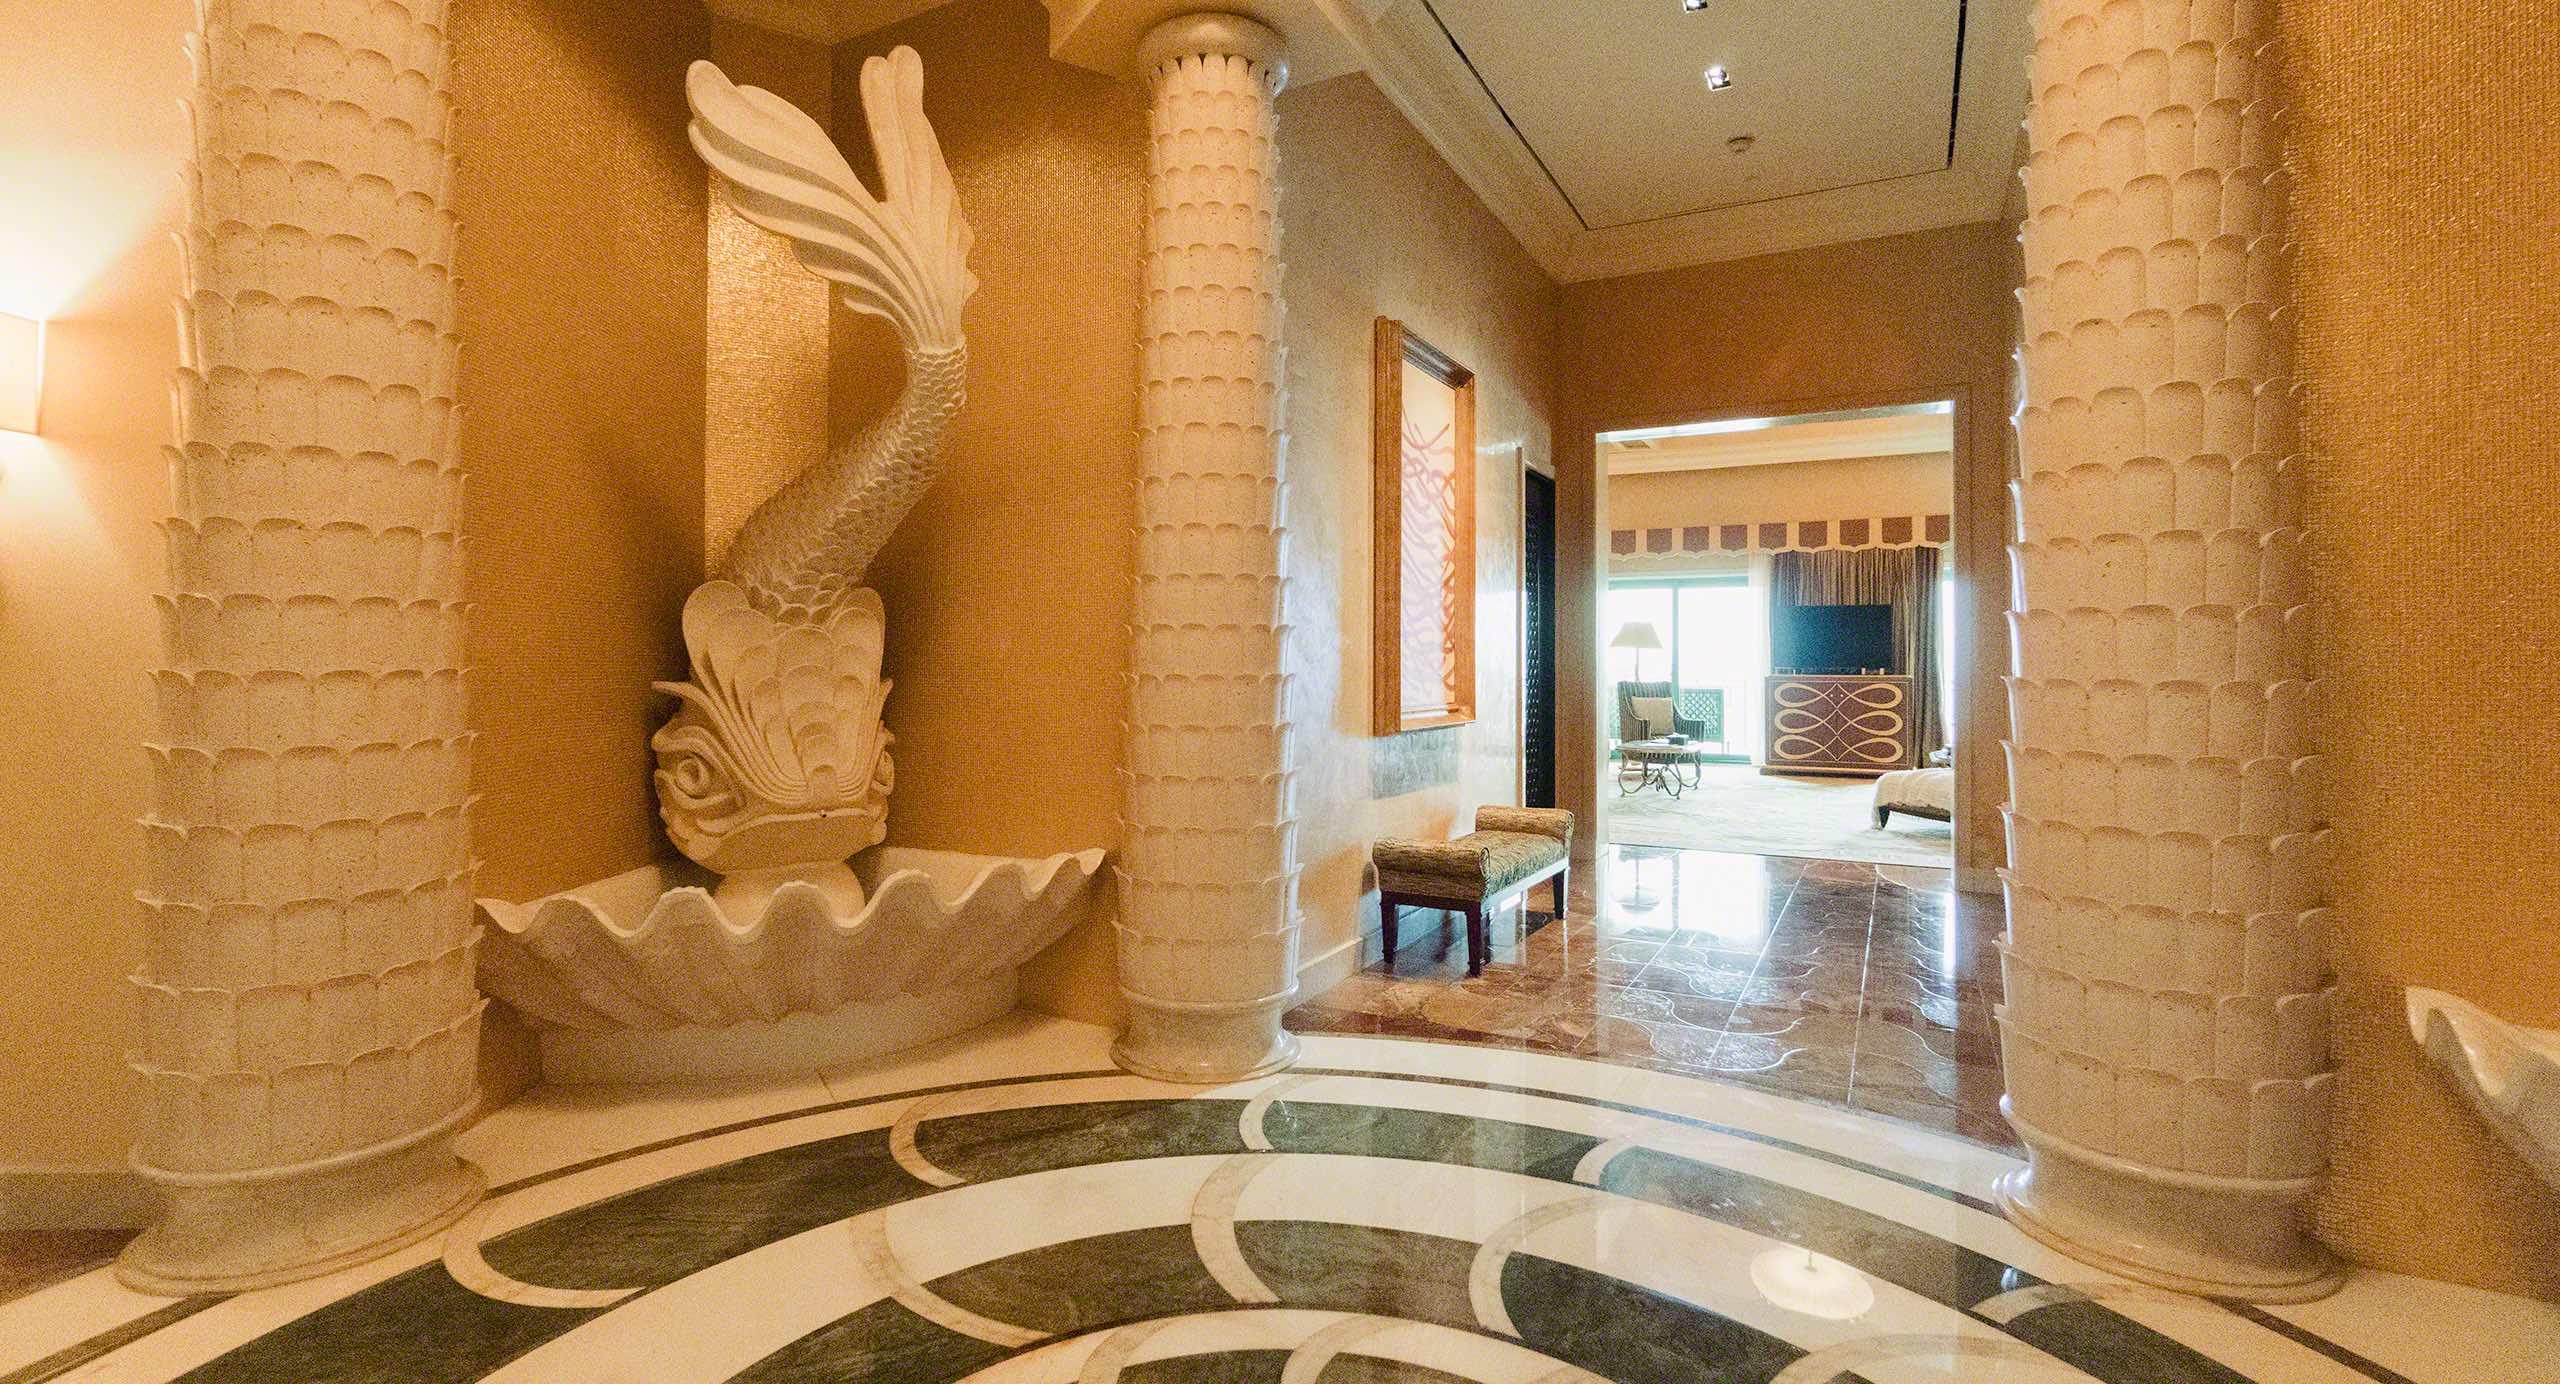 Beeindruckend: Eingangsbereich in der Grand Atlantis Suite. Foto © Mirco Seyfert